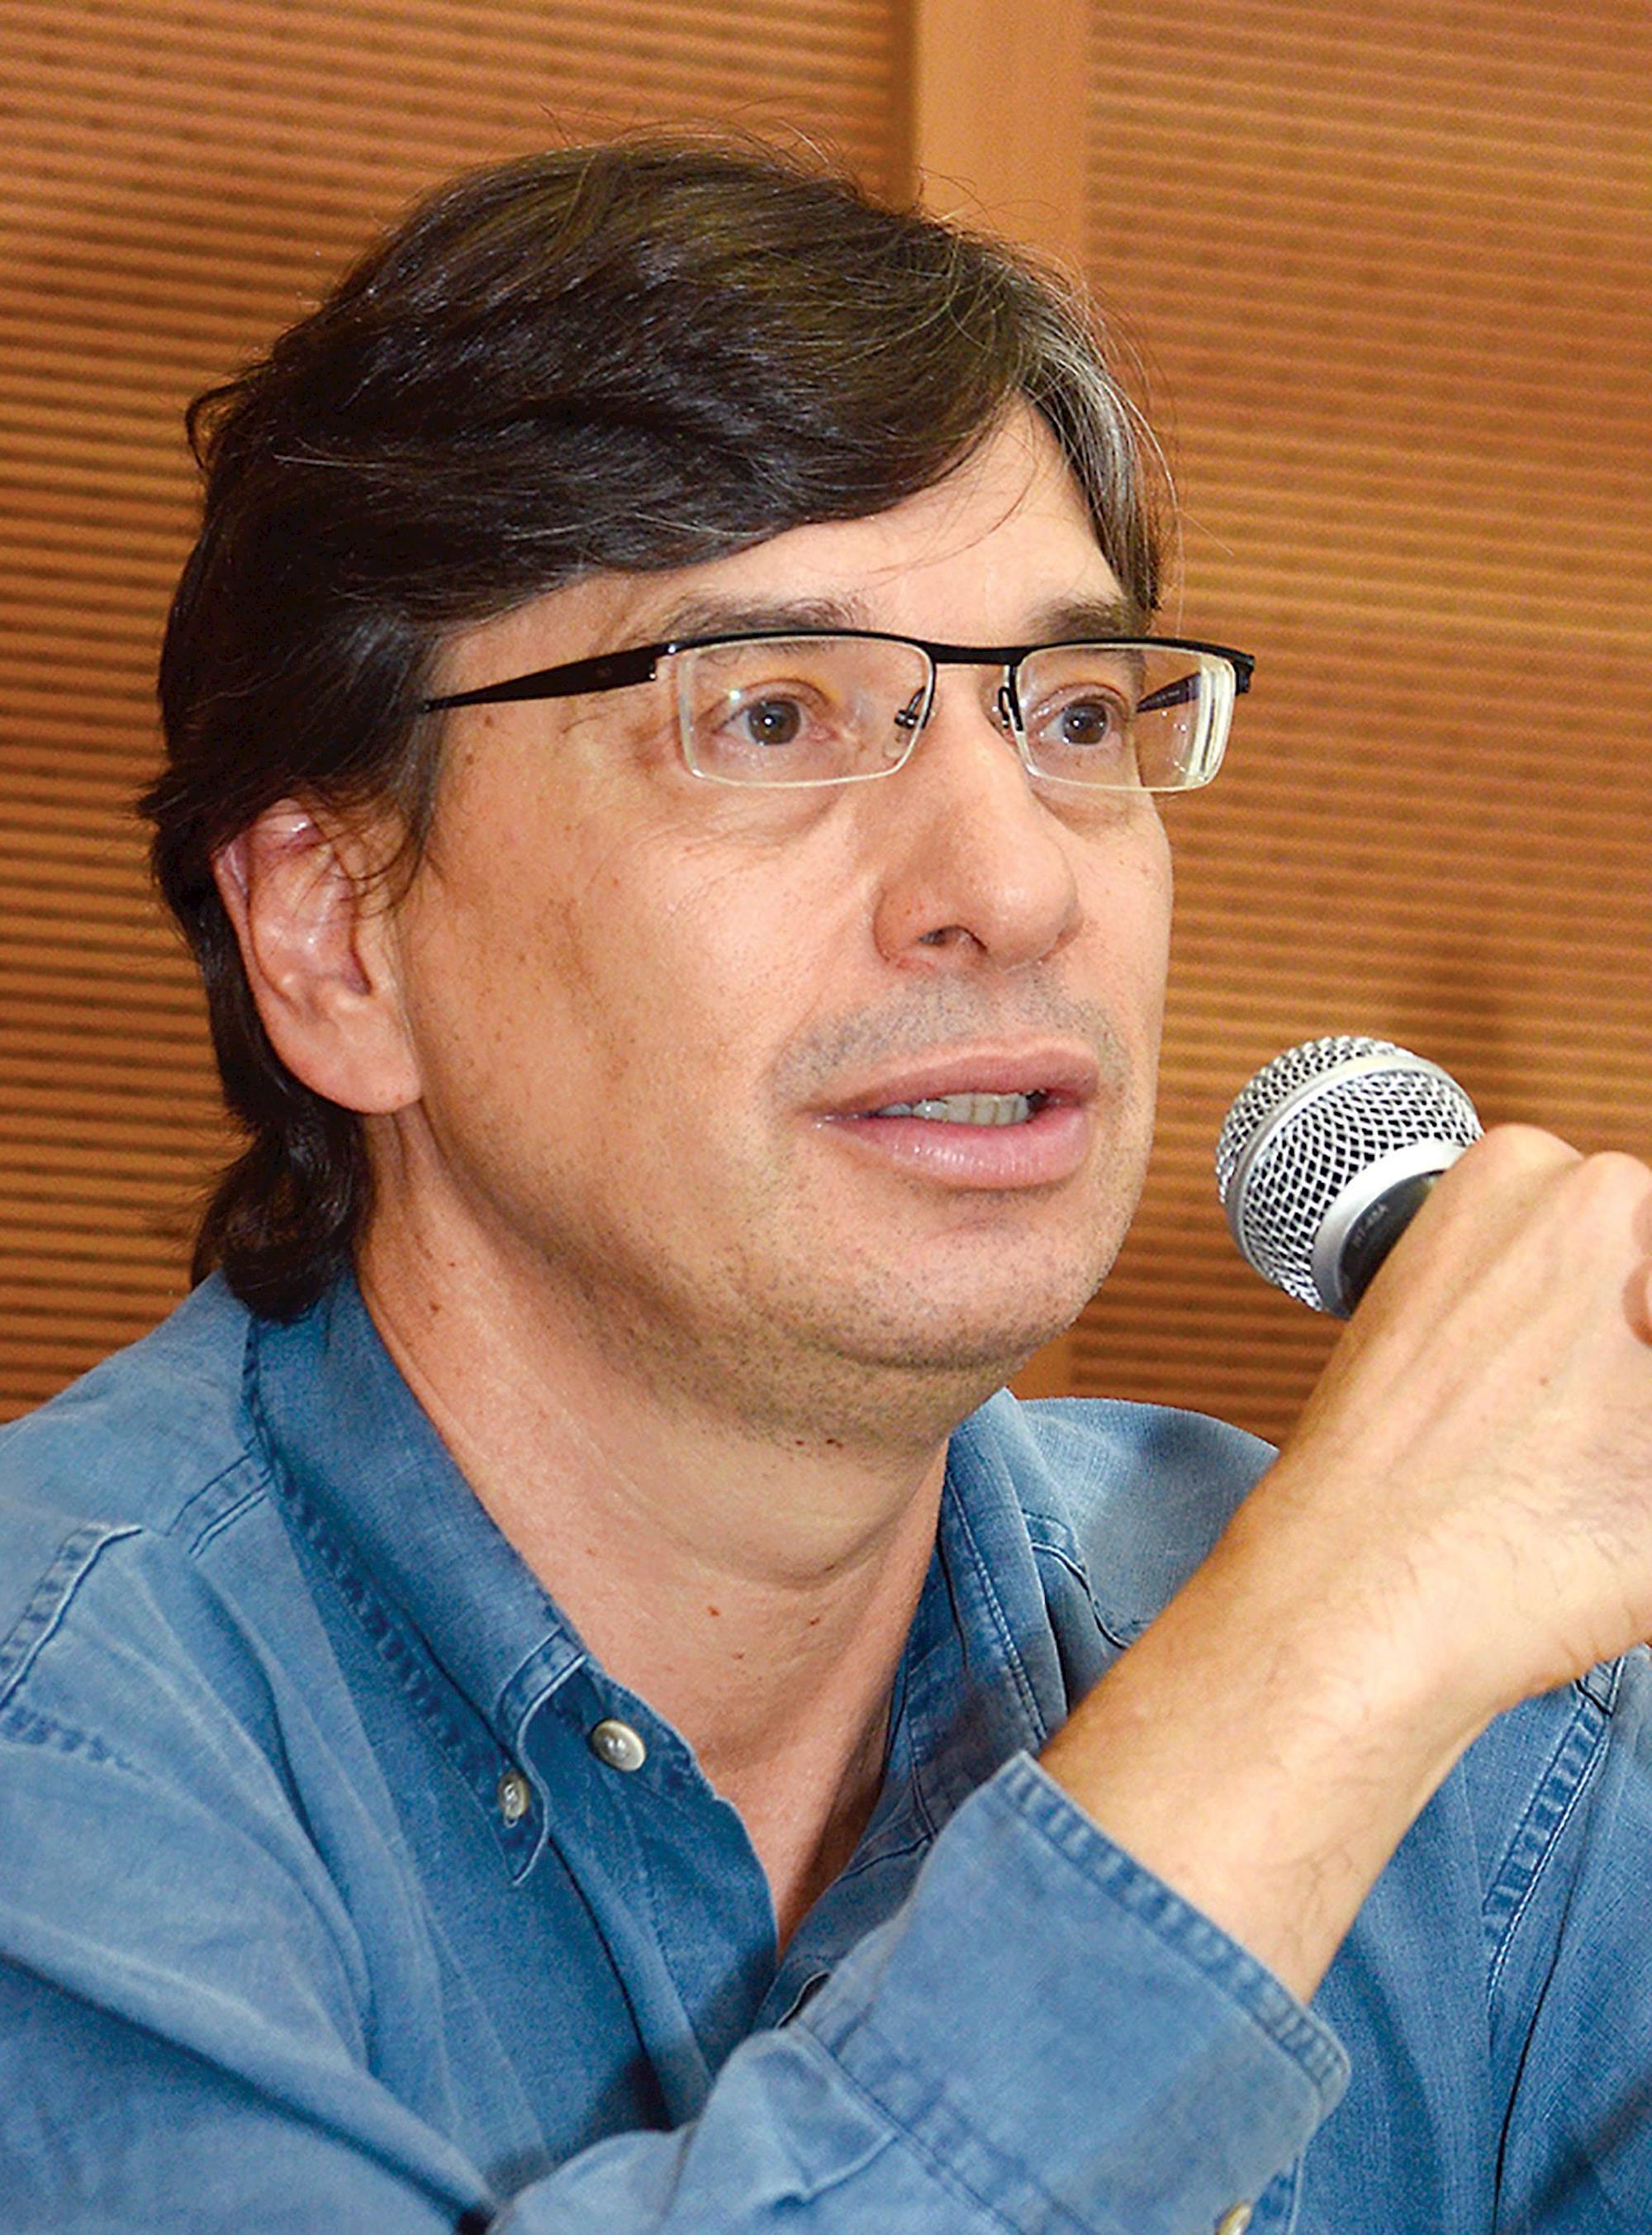 Marcio, Pochmann, Arquivo/Foguinho Imprensa SMetal